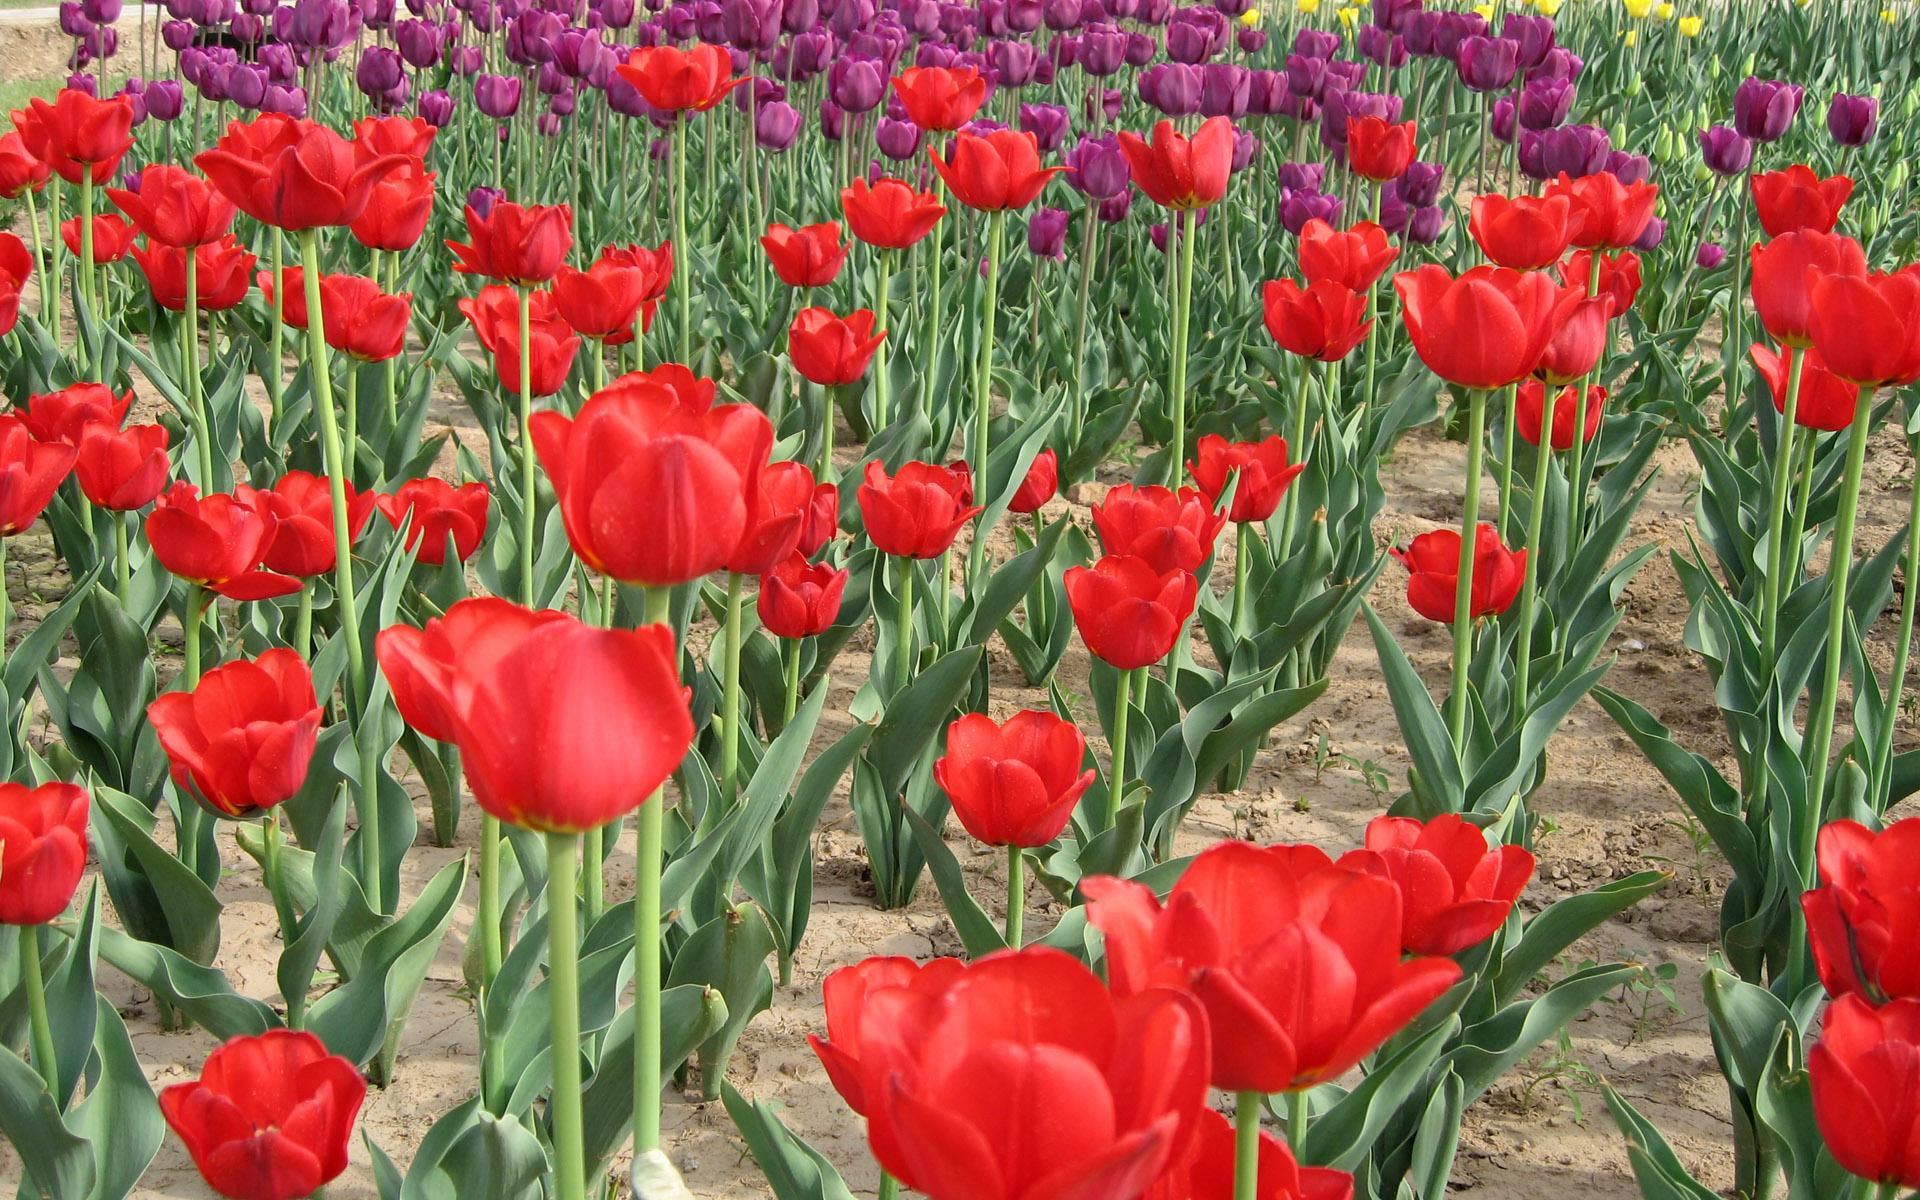 壁纸1920×12001920郁金香 4 18壁纸 1920郁金香壁纸图片花卉壁纸花卉图片素材桌面壁纸